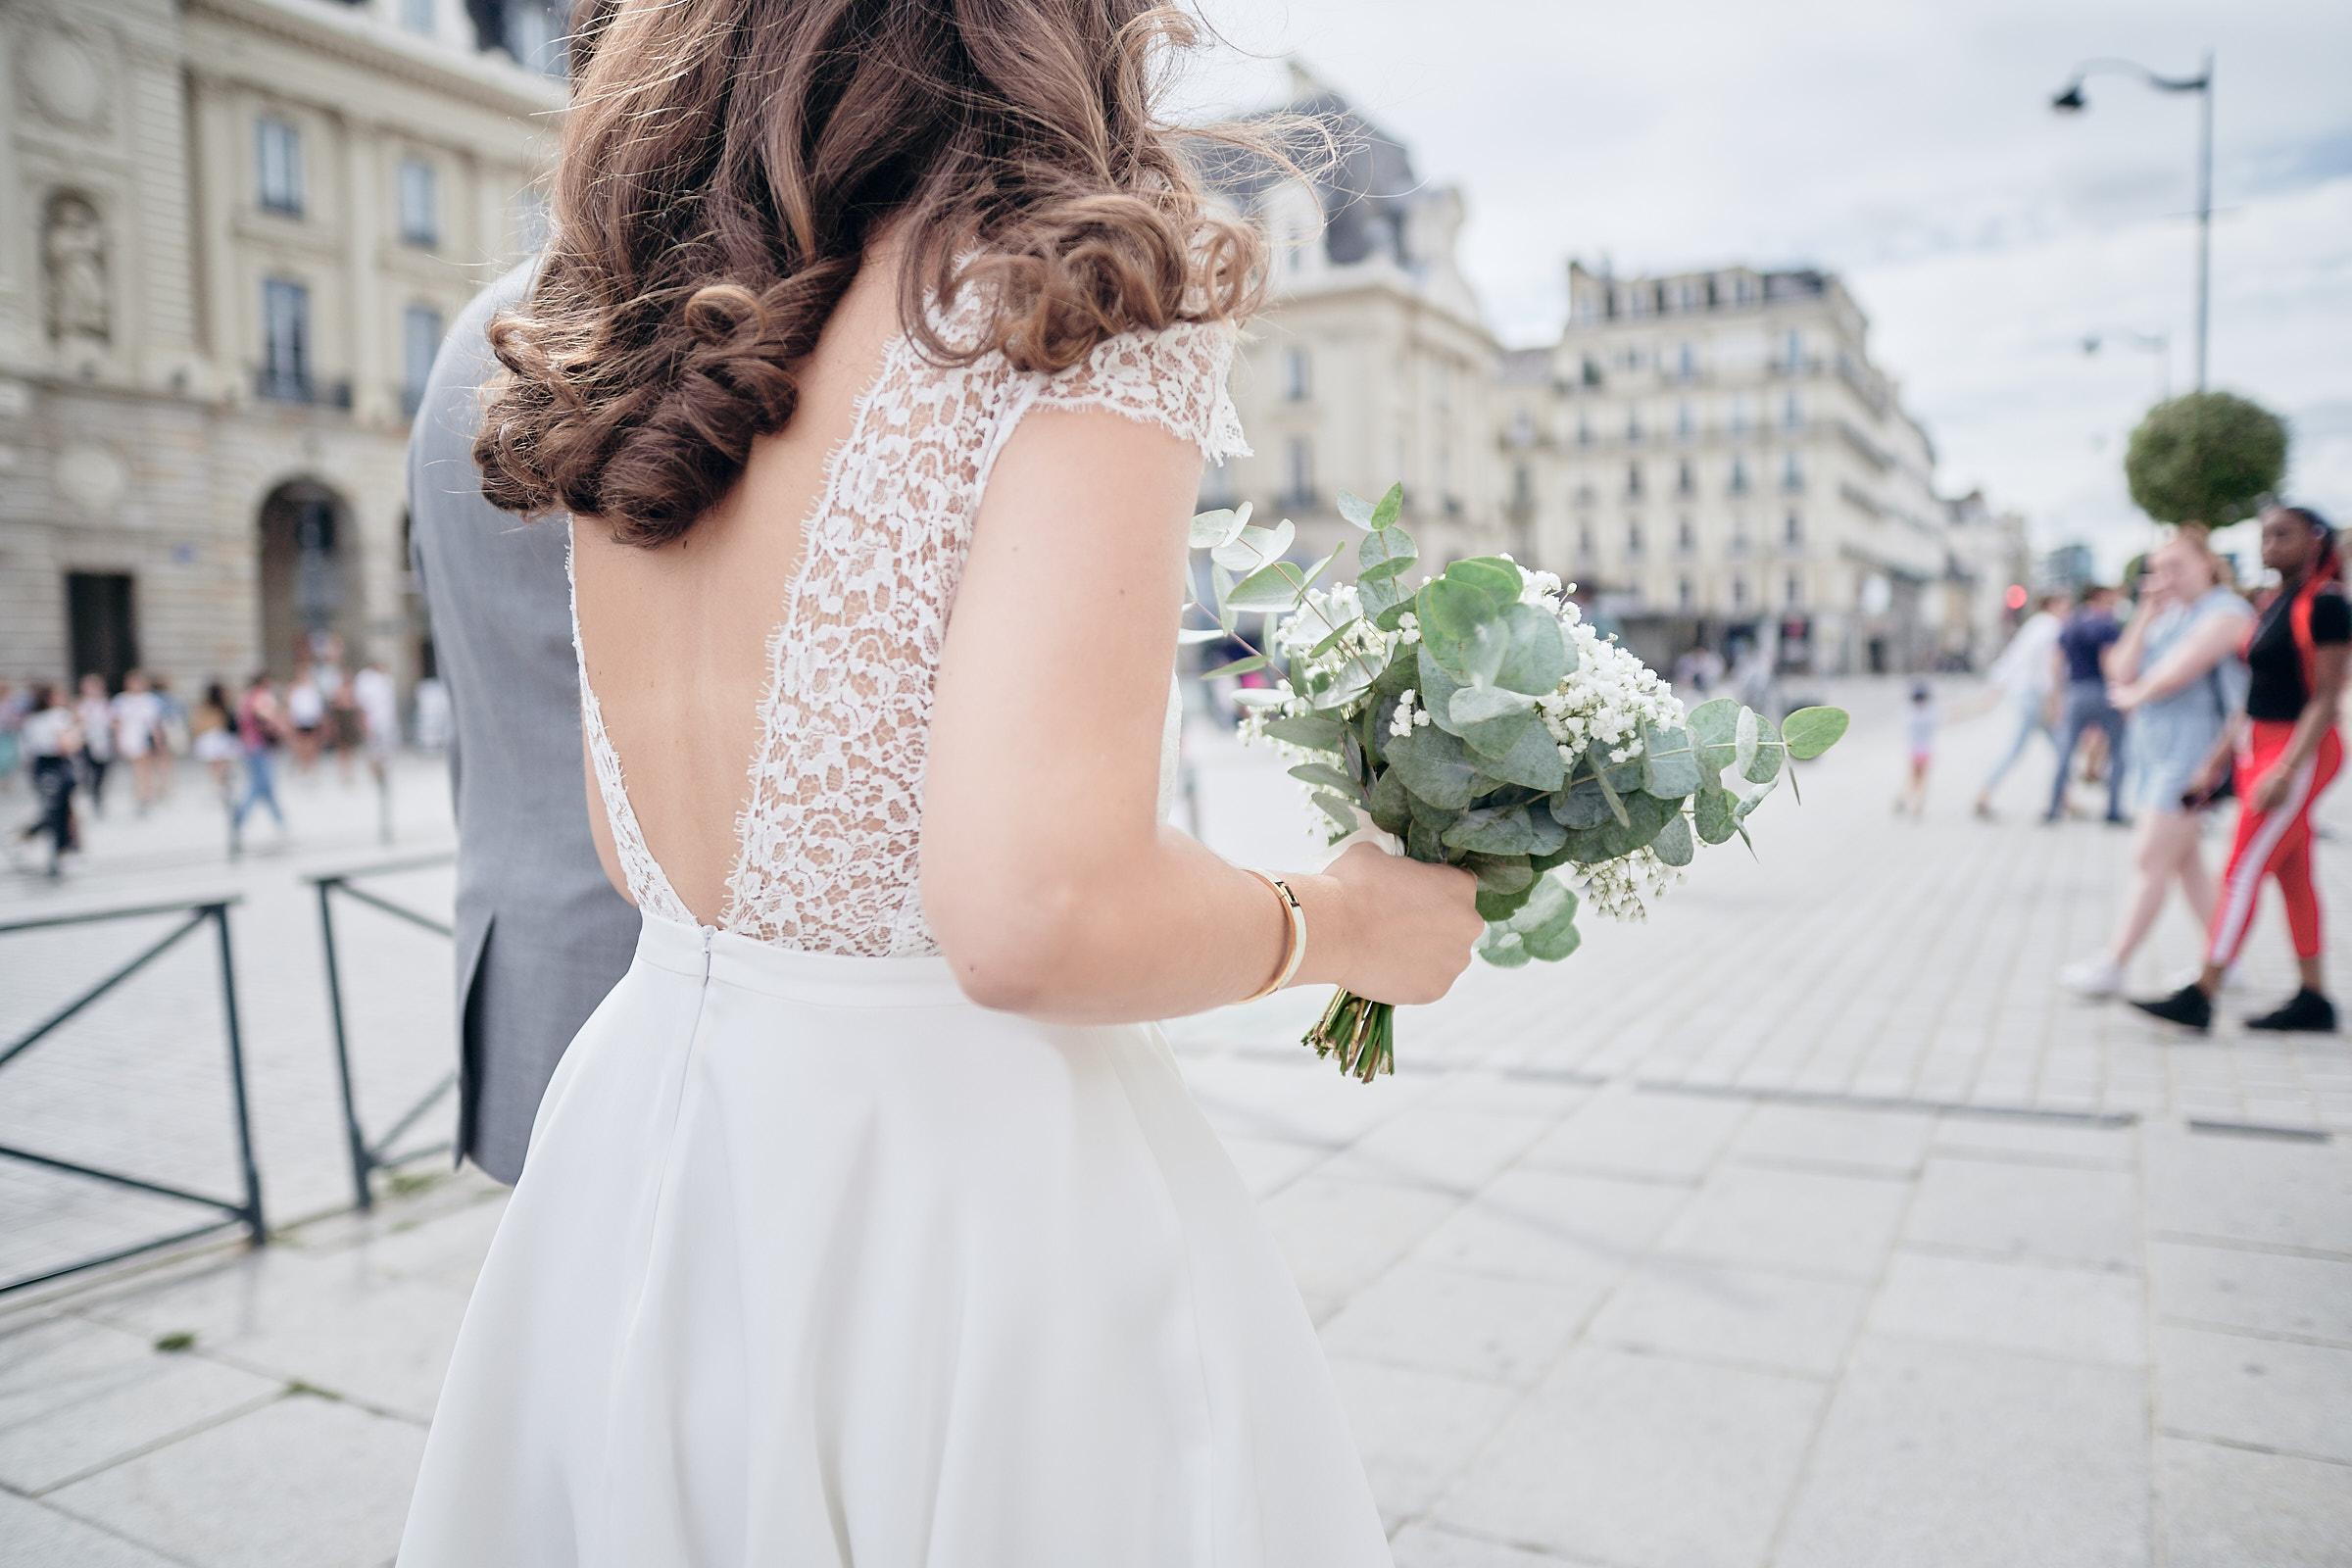 robe et bouquet de la mariée place de la république à rennes